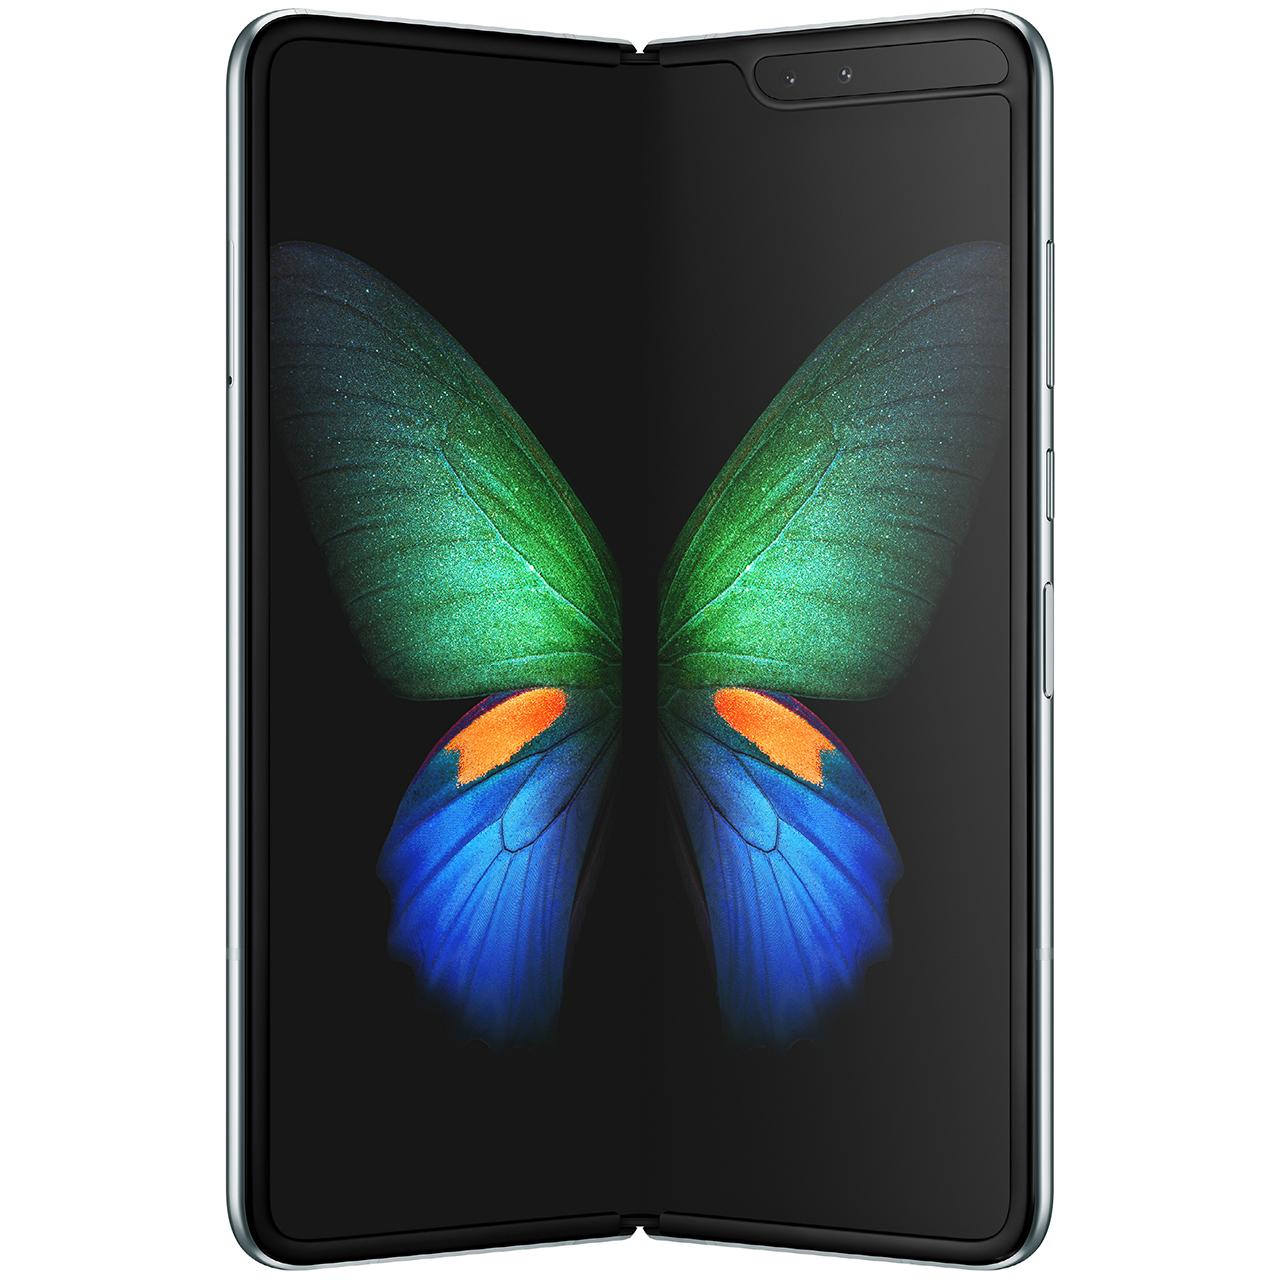 گوشی موبایل سامسونگ مدل Galaxy Fold ظرفیت 512 گیگابایت